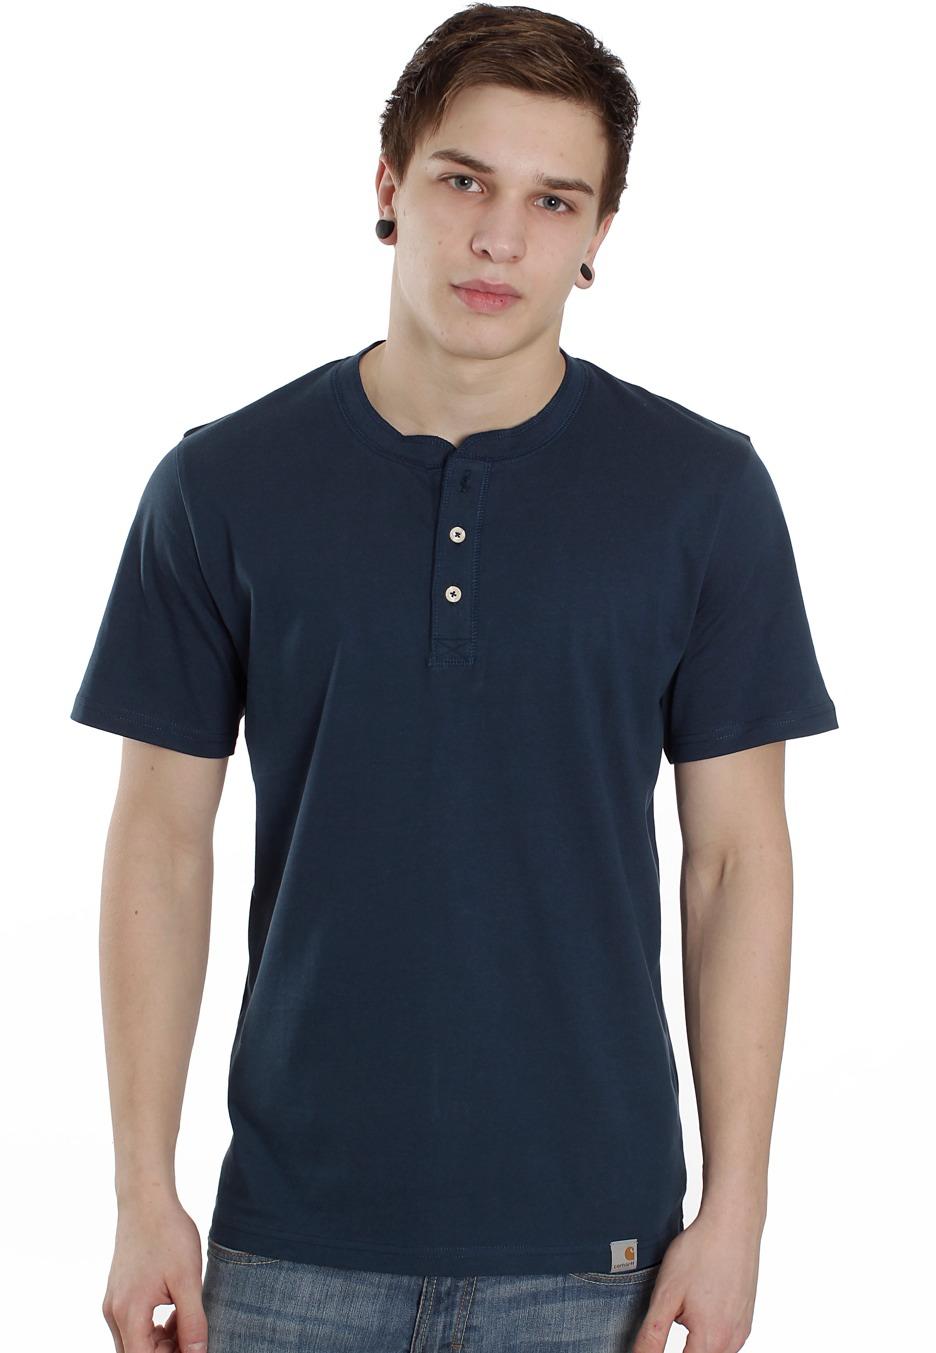 Carhartt wip henley federal t shirt streetwear shop for Whats a henley shirt